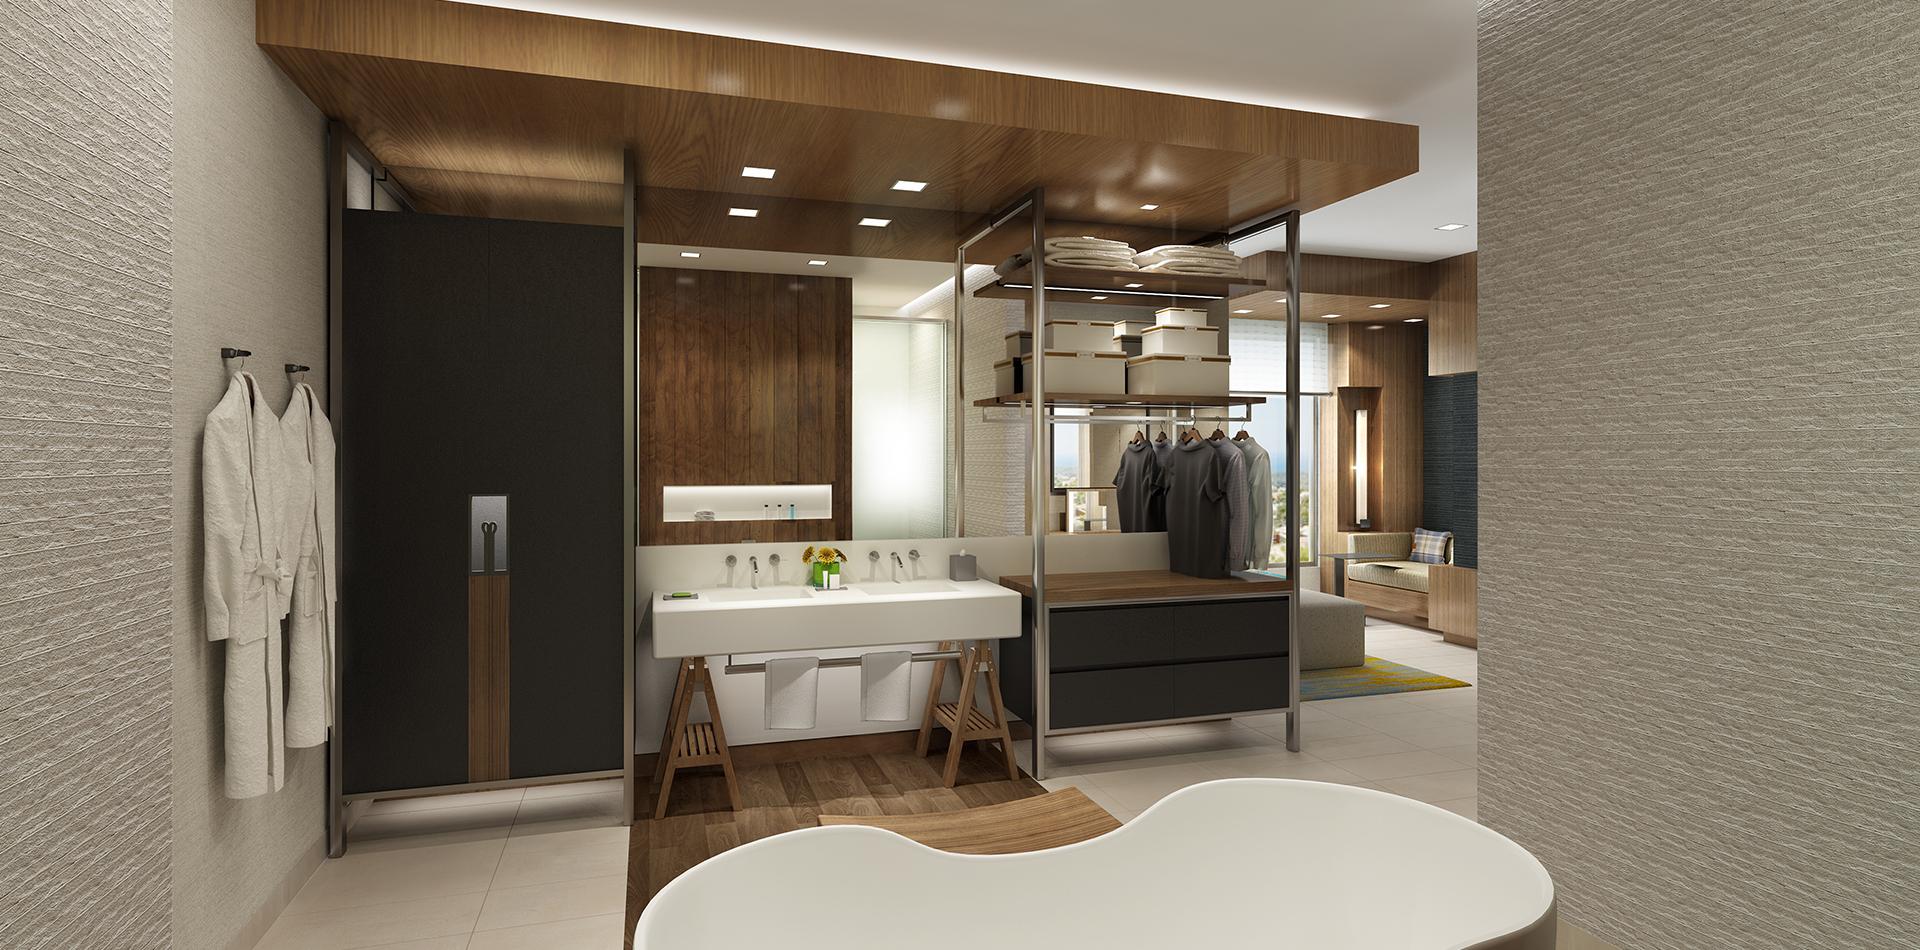 Дизайн інтер'єру магазину: етапи розробки проекту